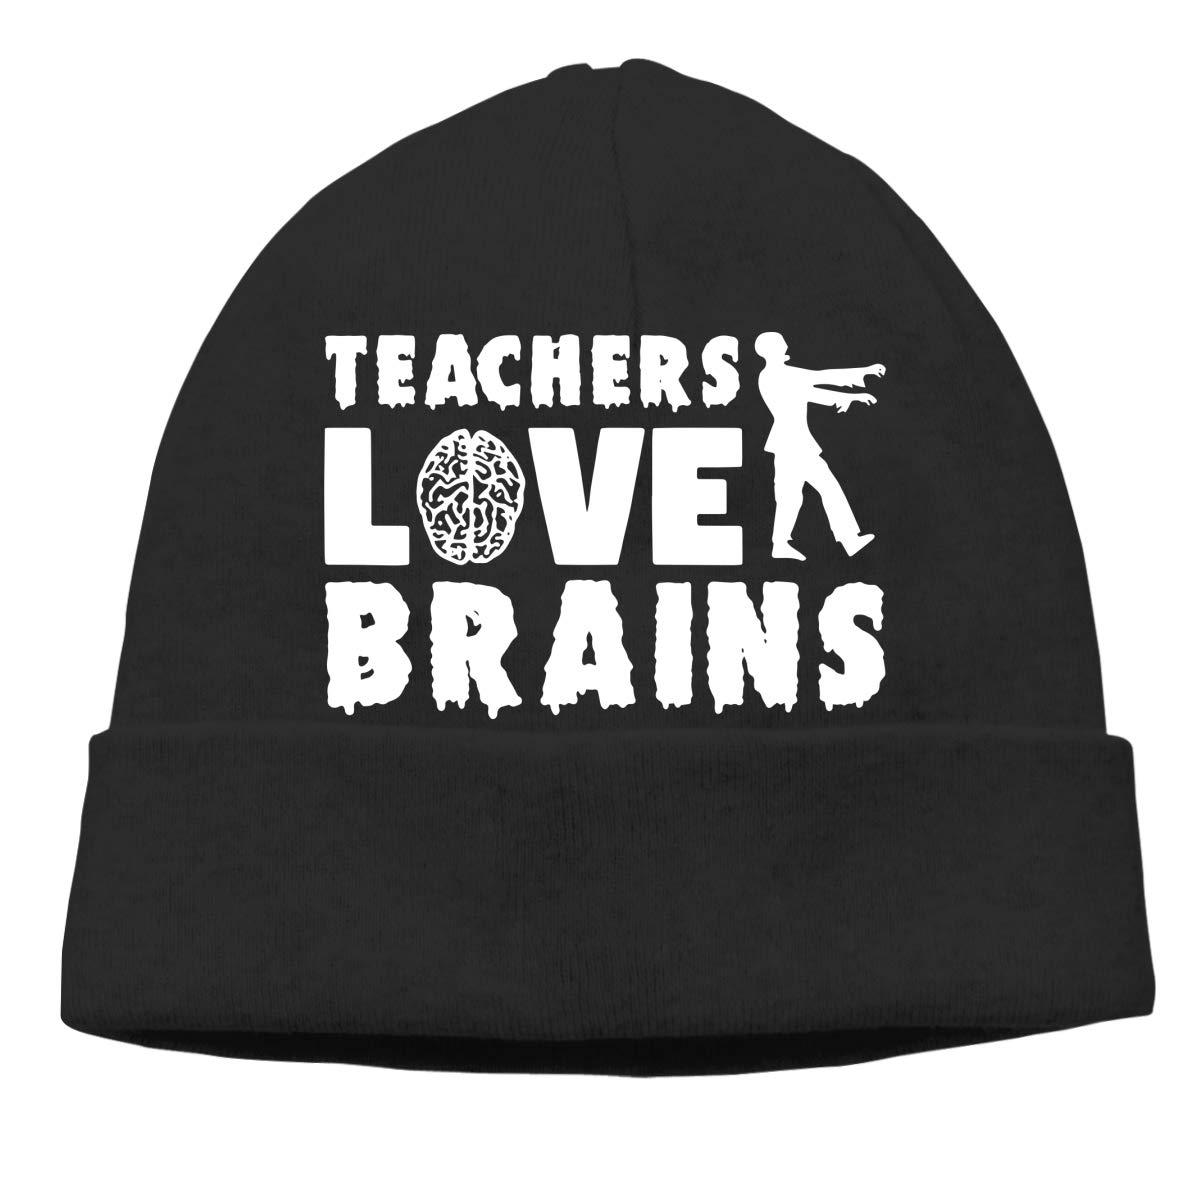 Teachers Love Brains Unisex Baggy Cycling Beanie Cap